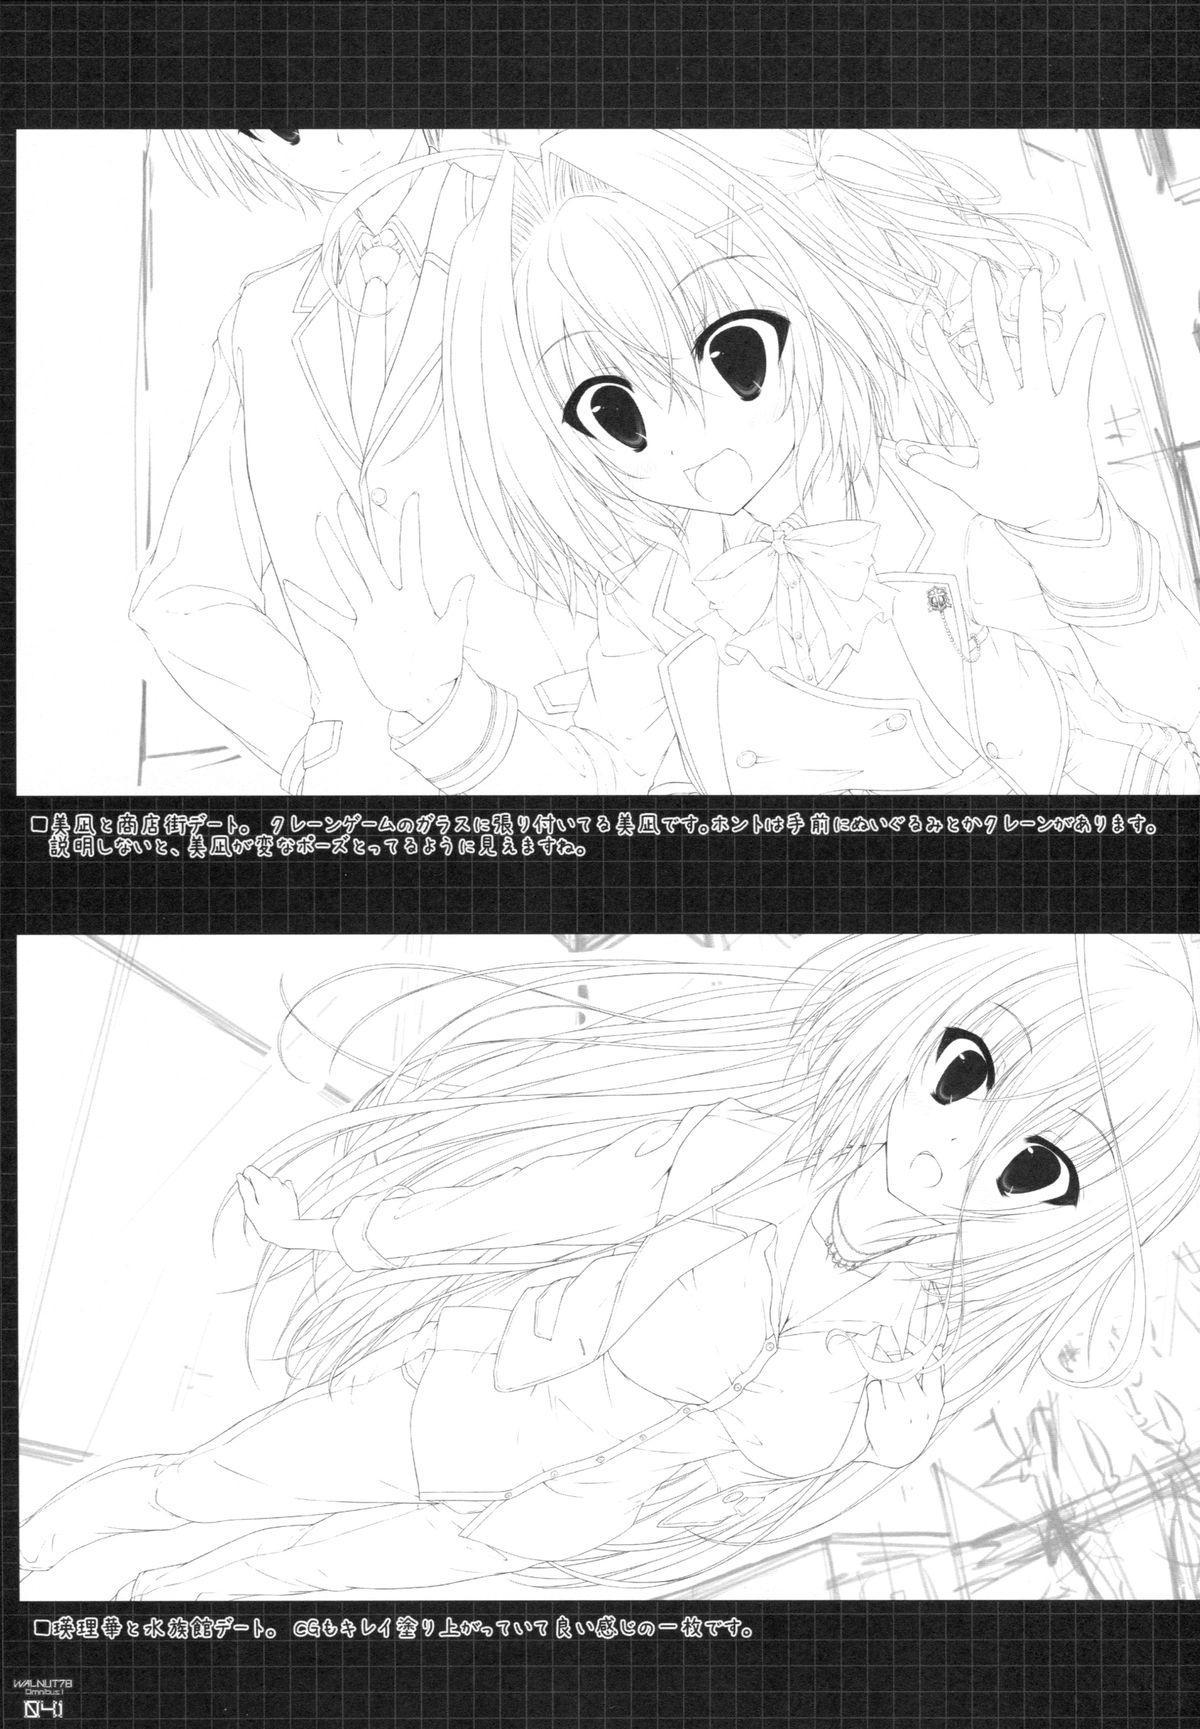 (C89) [Sui-en (Sui-en)] WALNUT78 Omnibus 1 -Suien-en Illustrations 2012-2014- (Various) 38